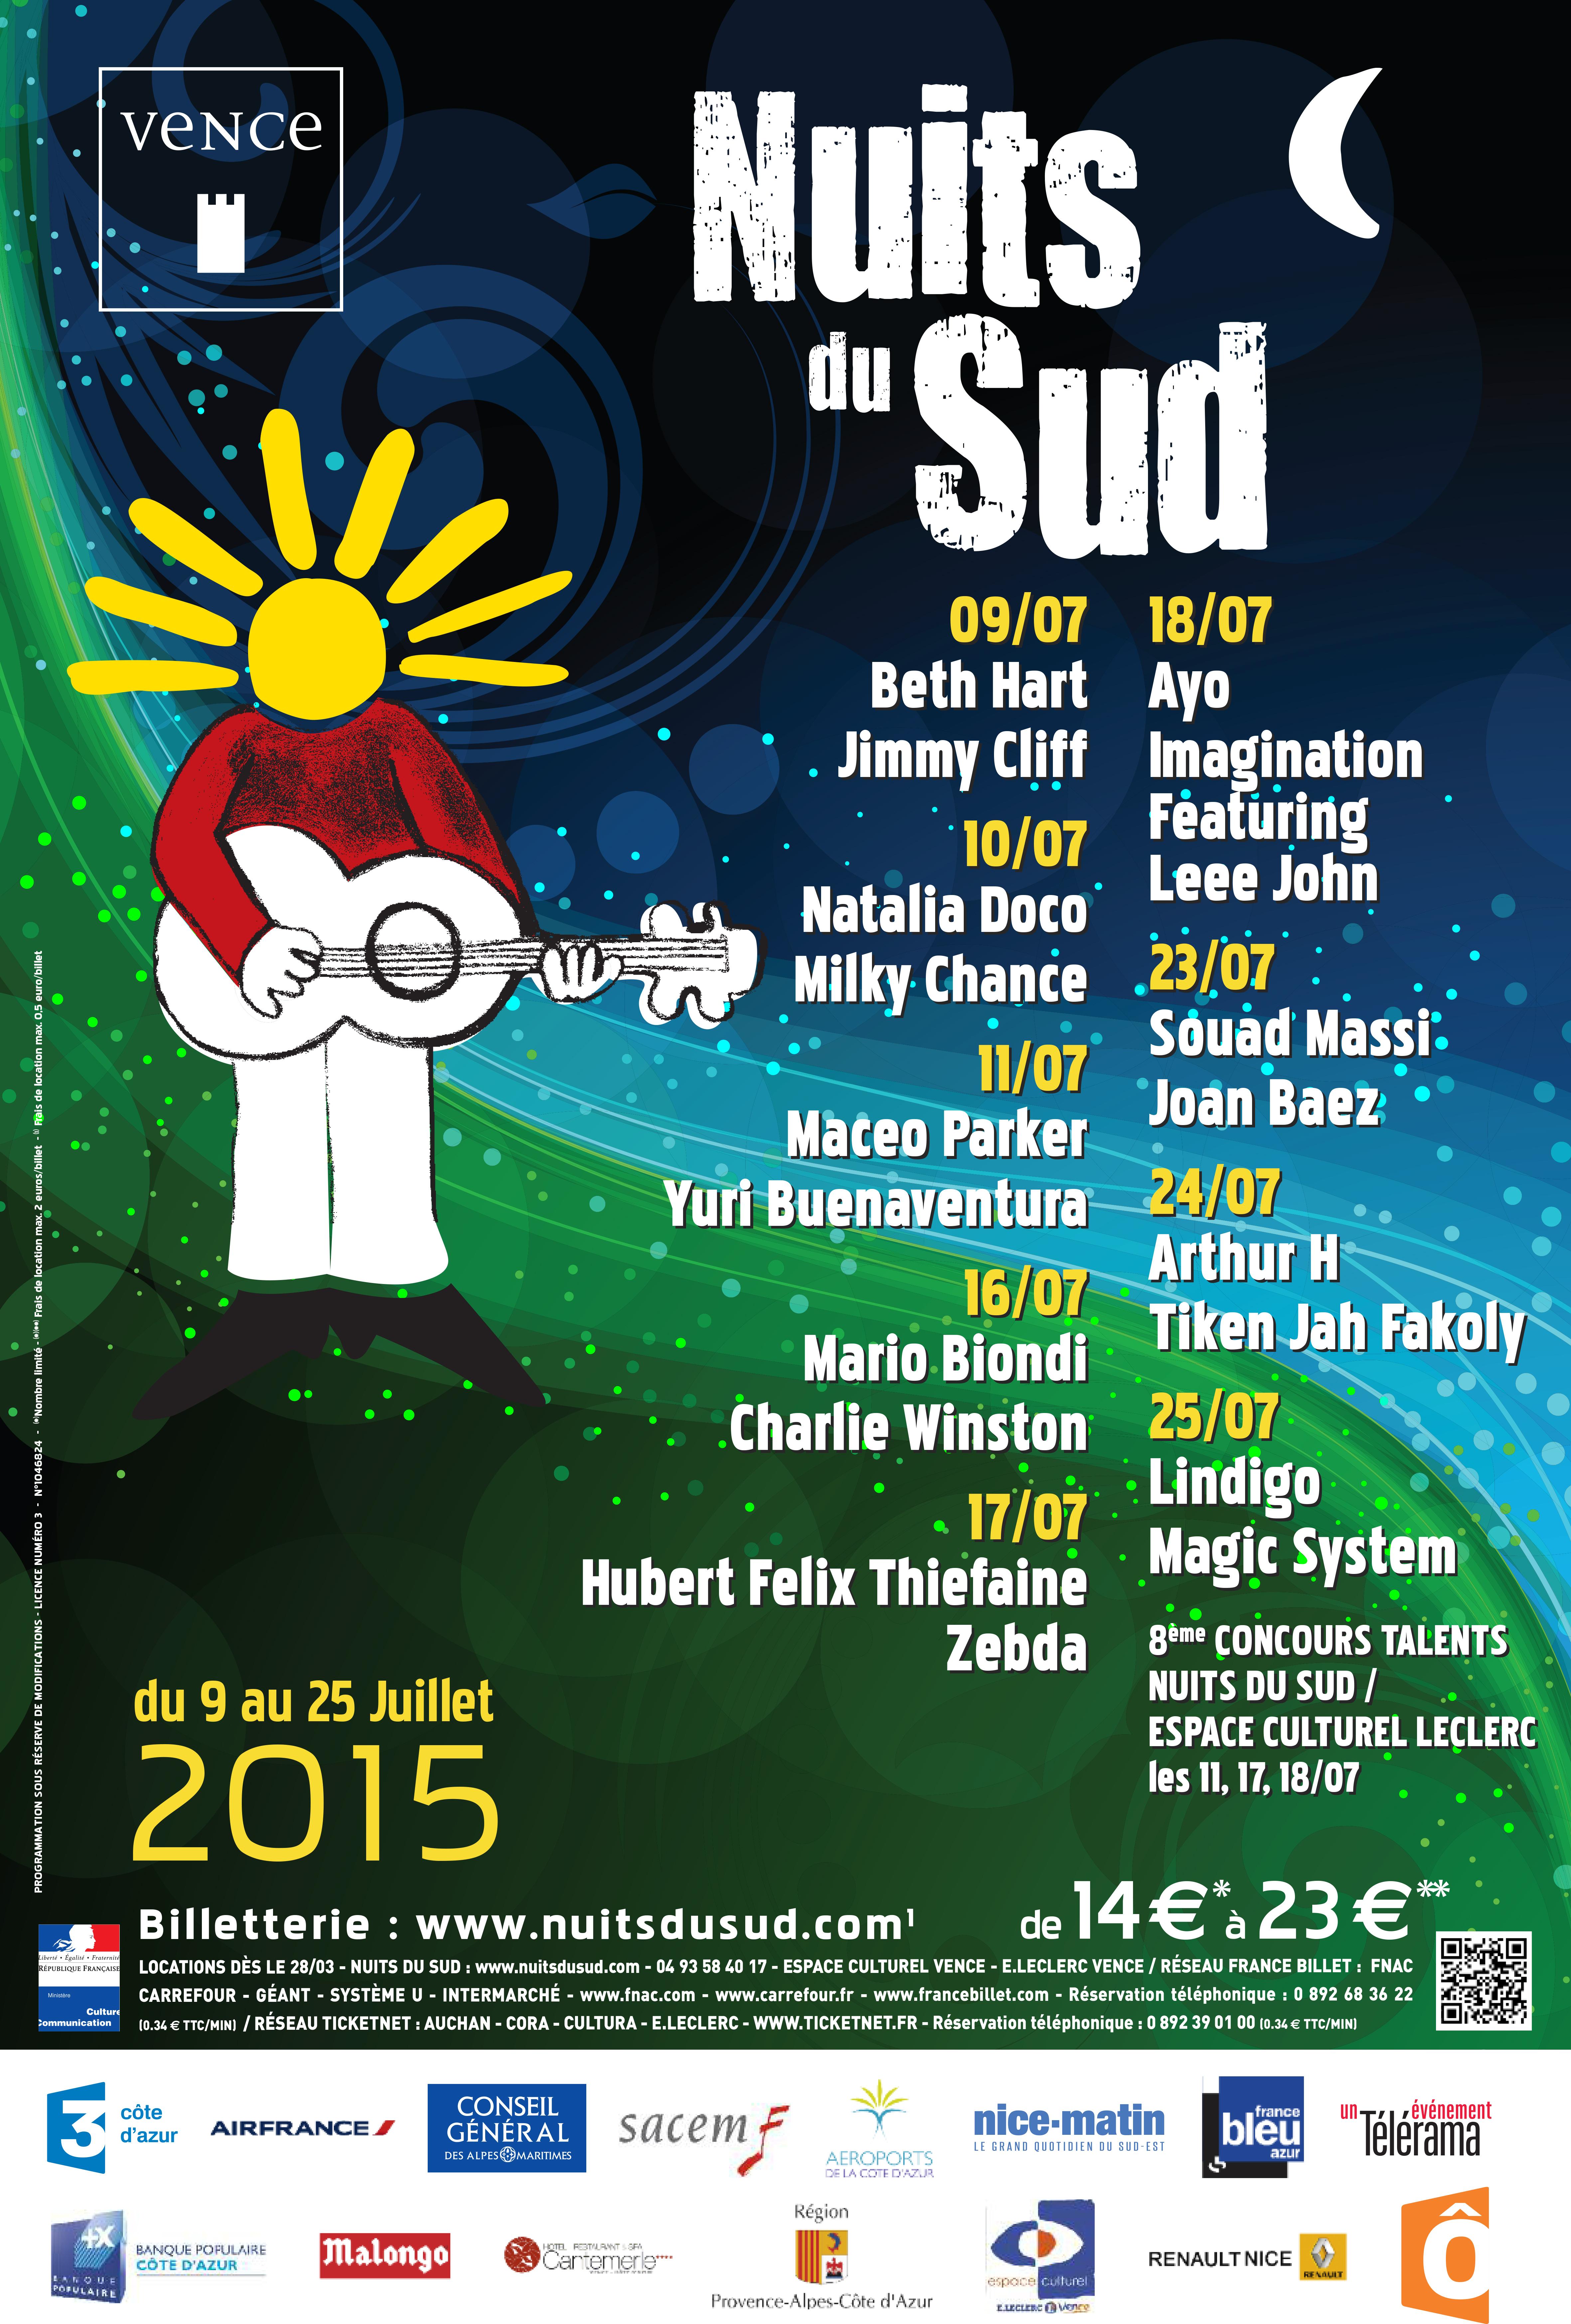 affiche nuits du sud vence 2015